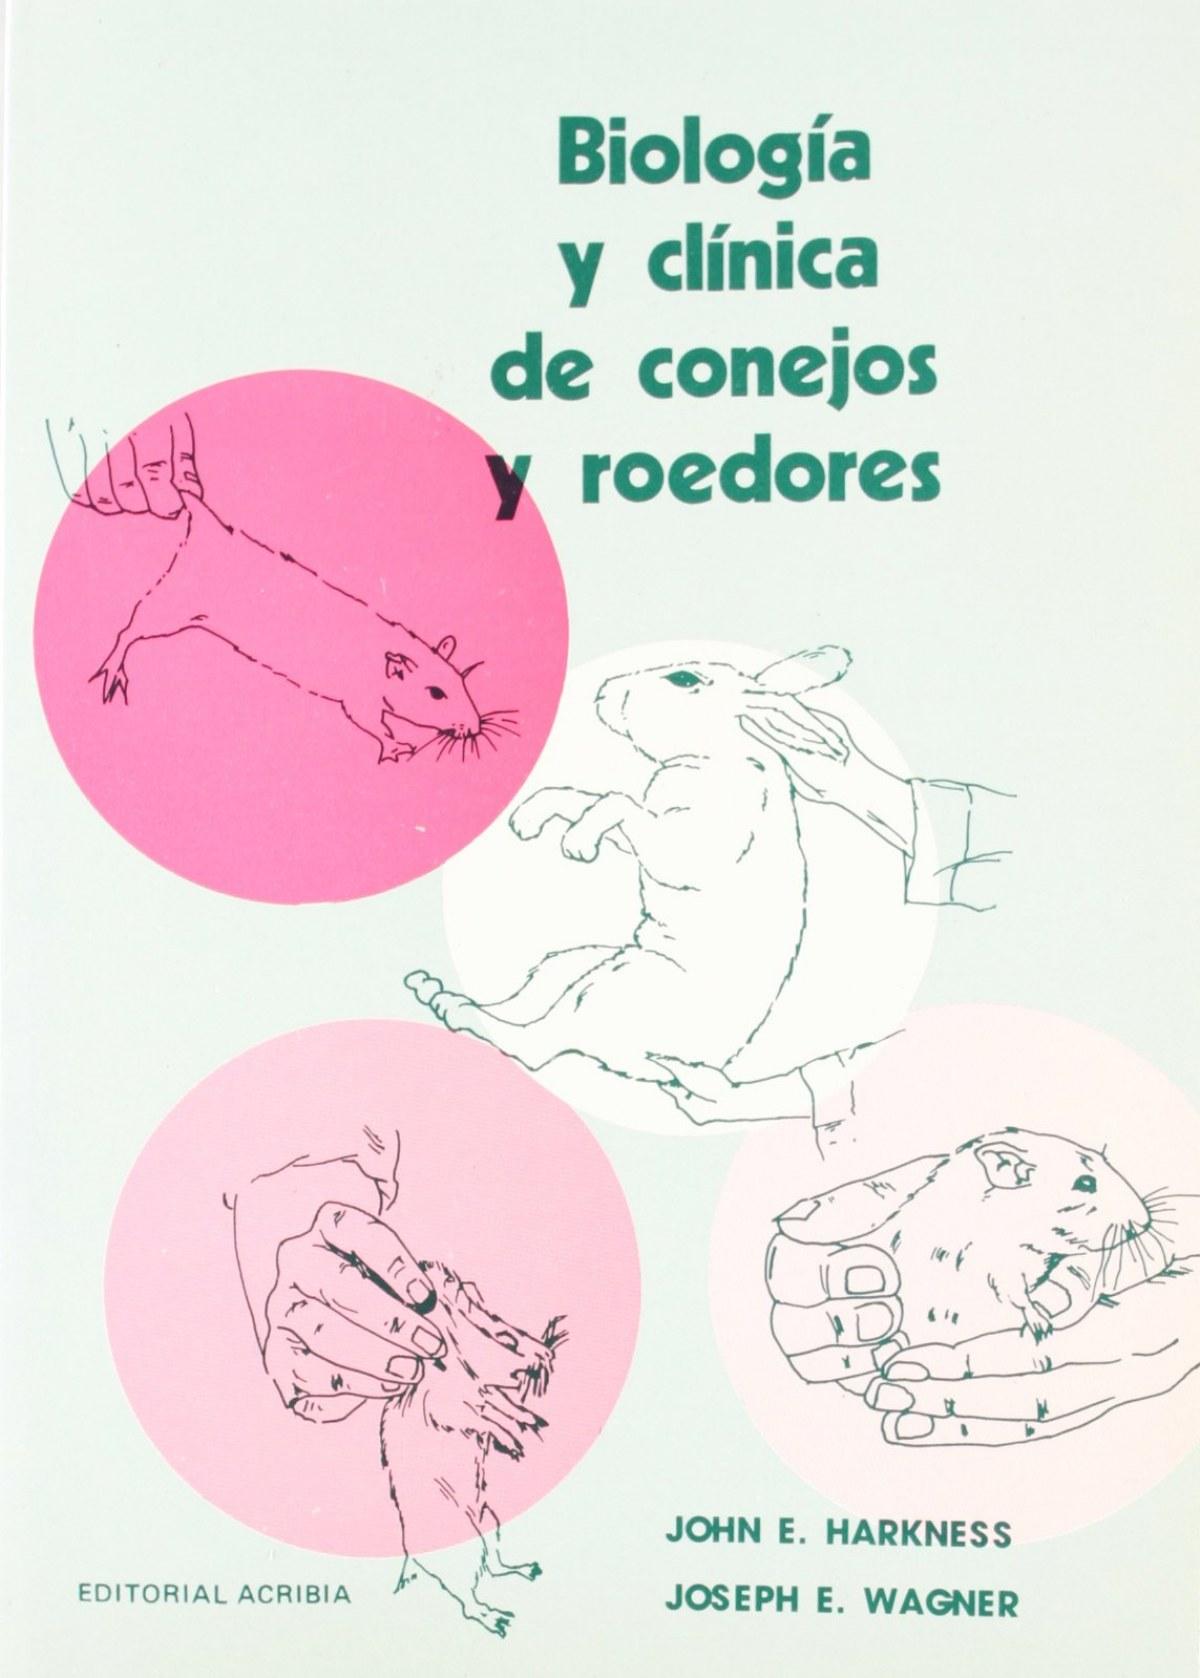 BIOLOGÍA/CLÍNICA DE CONEJOS/ROEDORES